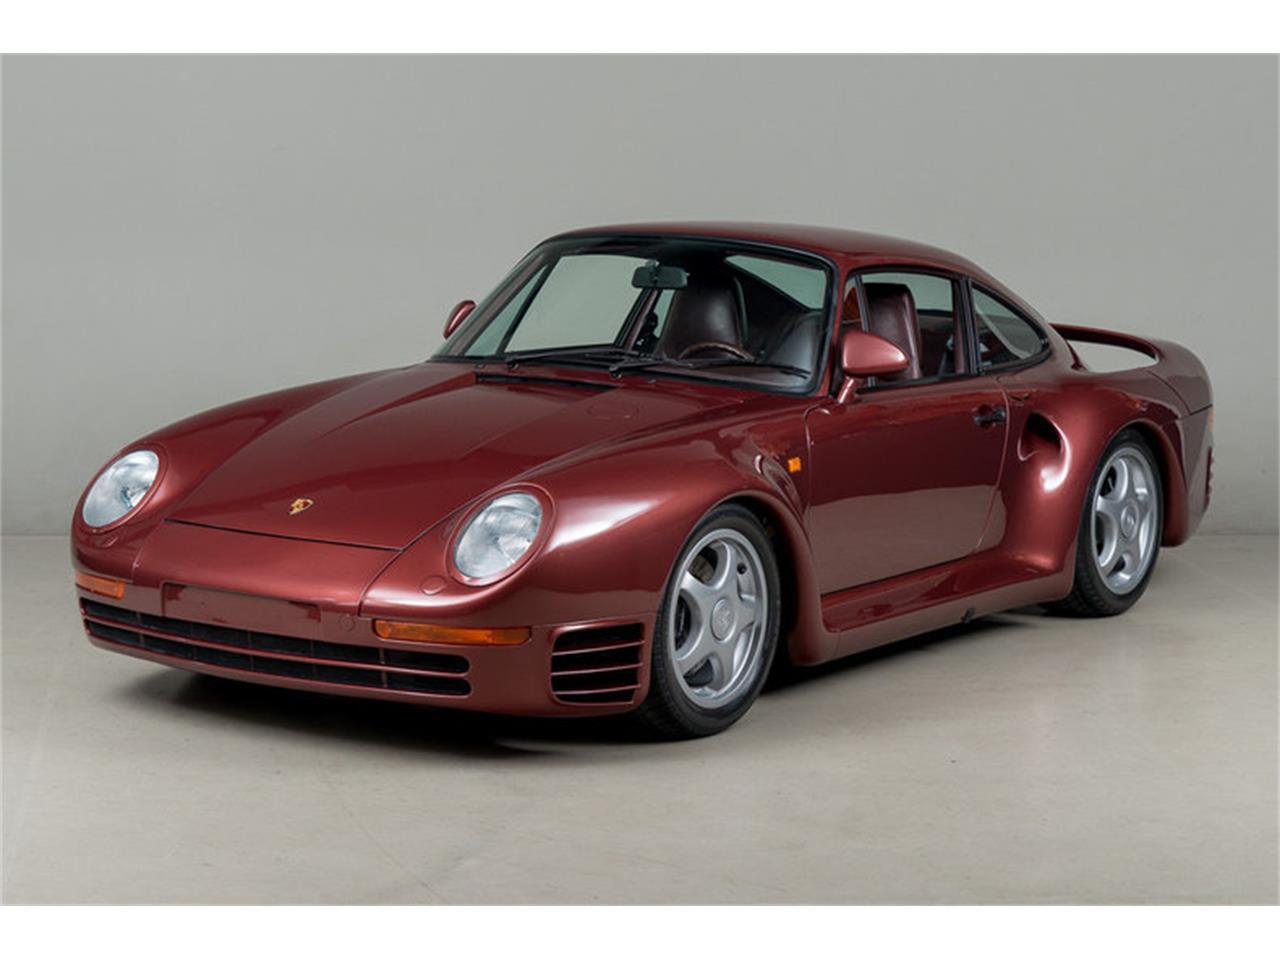 Porsche 959 For Sale >> 1988 Porsche 959 For Sale Classiccars Com Cc 848765